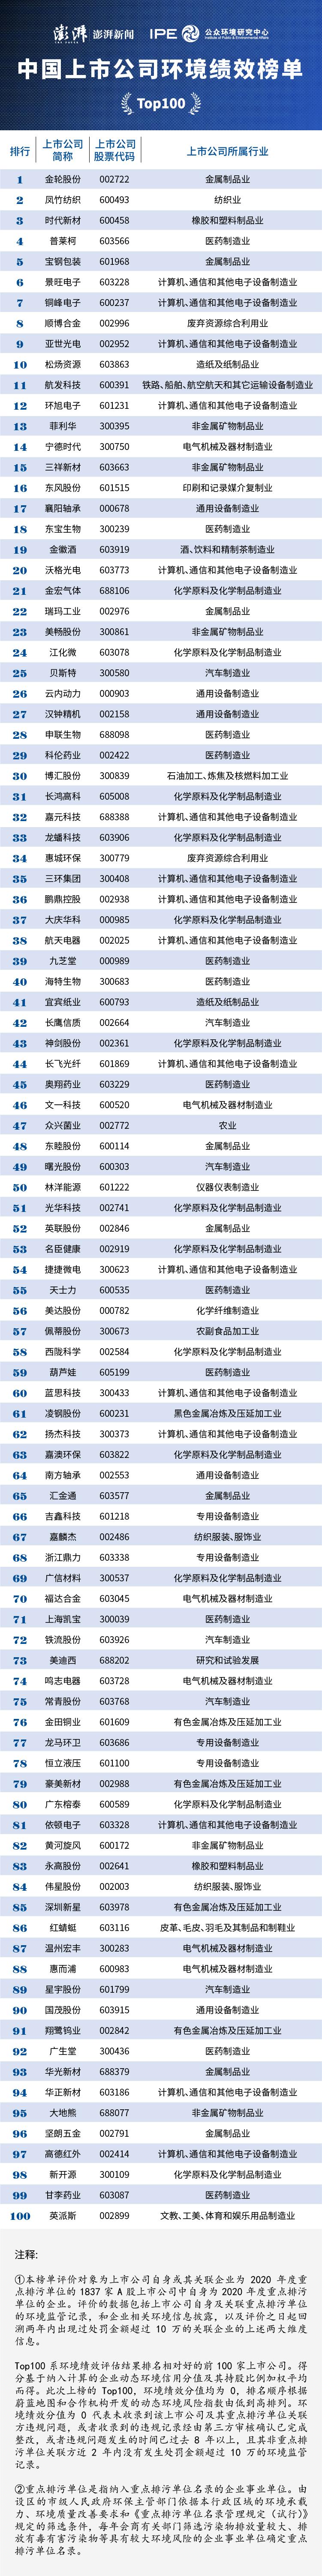 星耀娱乐平台注册:澎湃联合公众环境研究中心发布首份中国上市公司环境绩效榜单